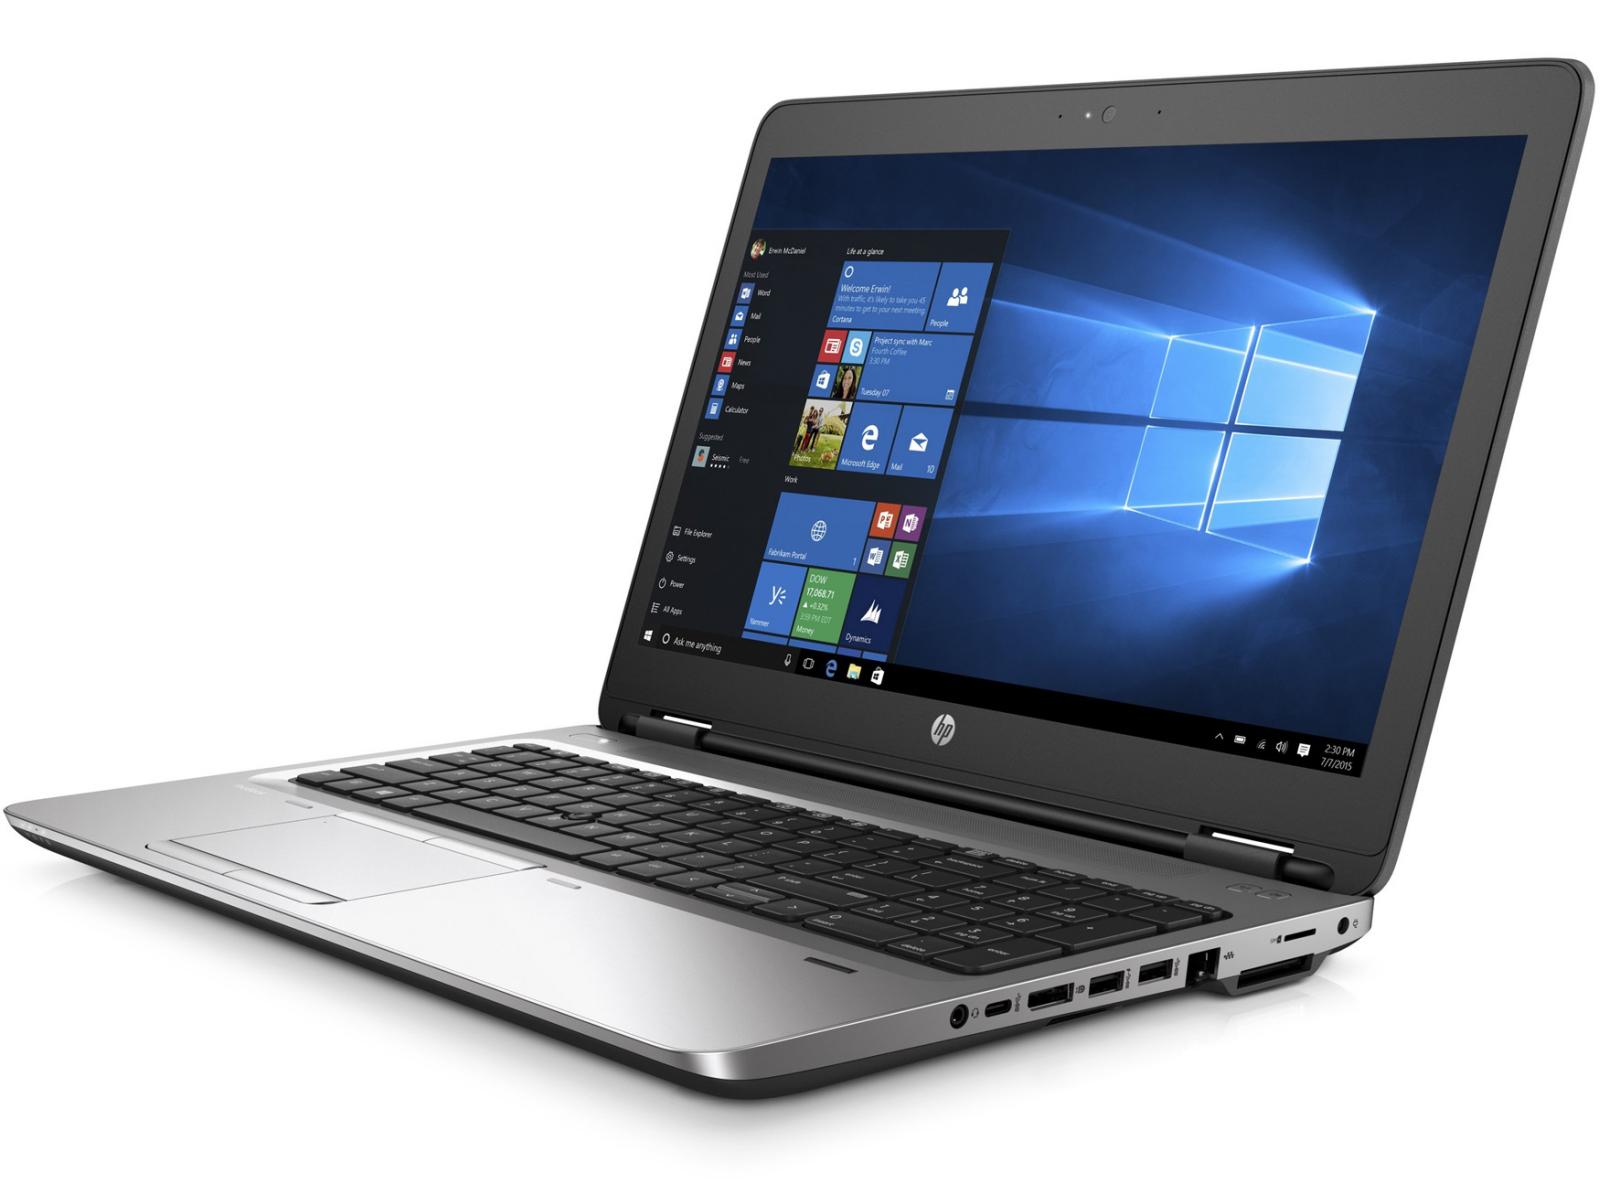 Hp Probook 655 G2 T9x09et Notebook Review Notebookcheck